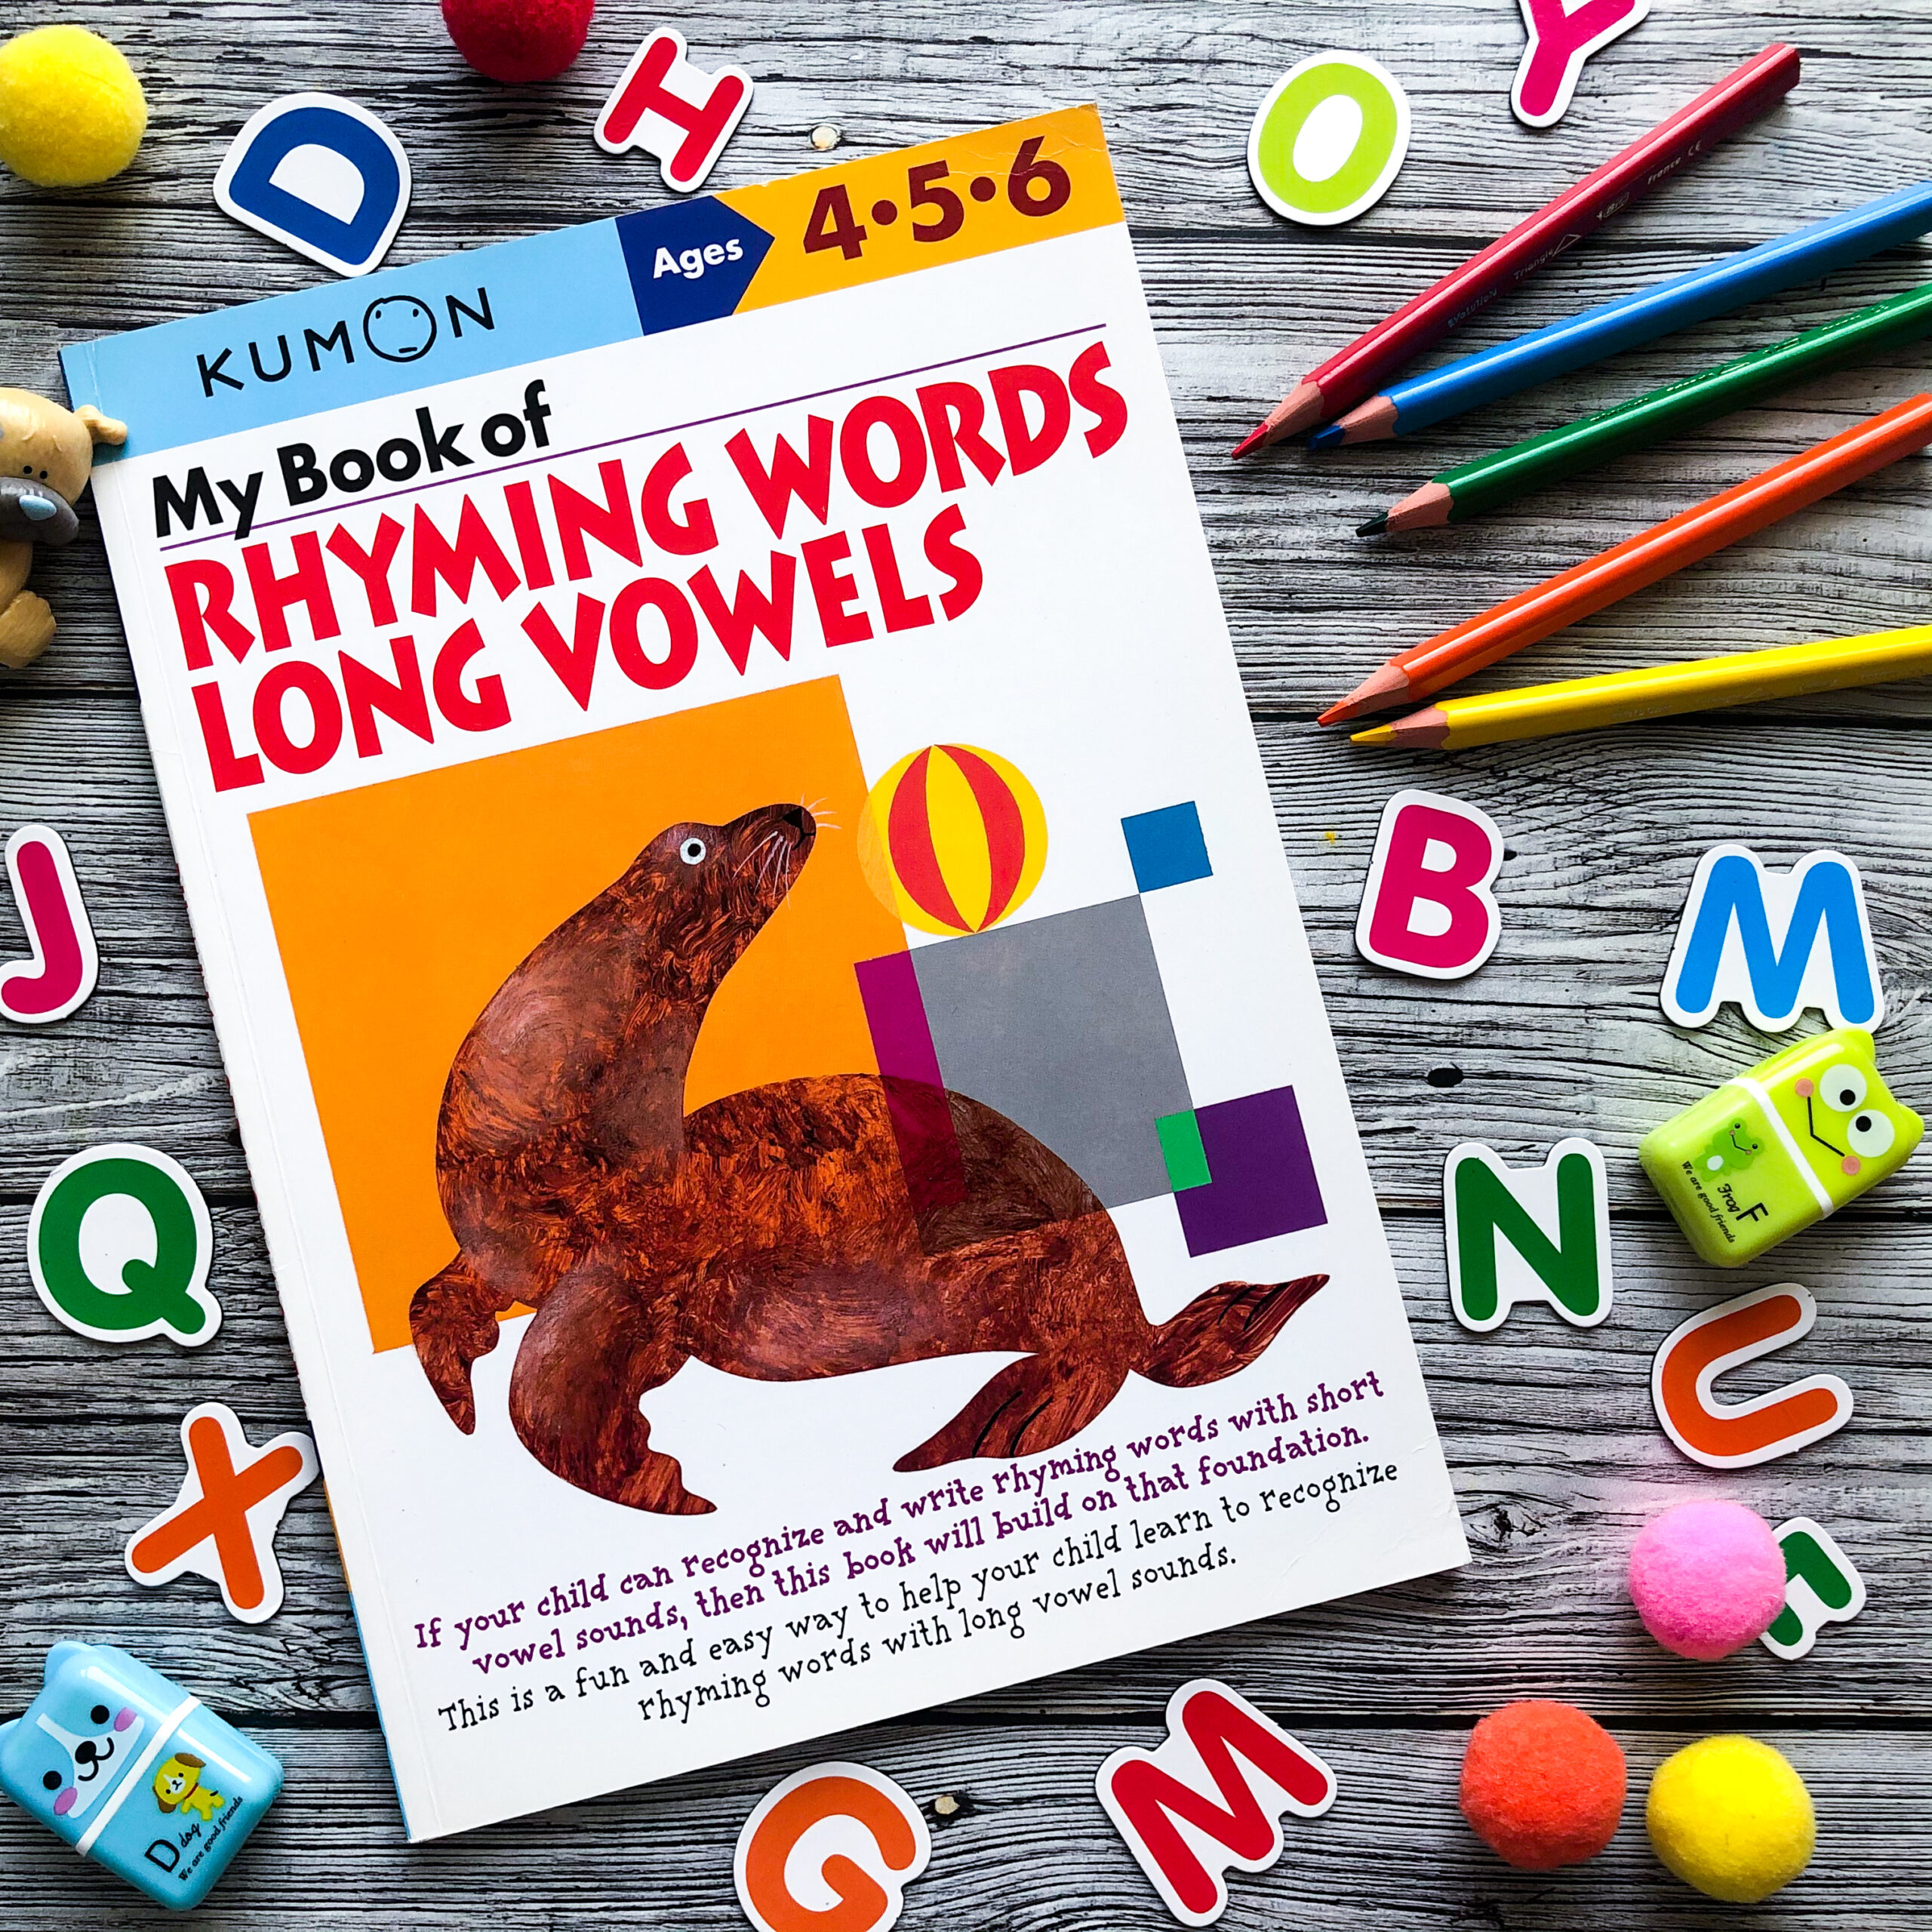 My Book of Rhyming Words: Long Vowels, 4-6 1